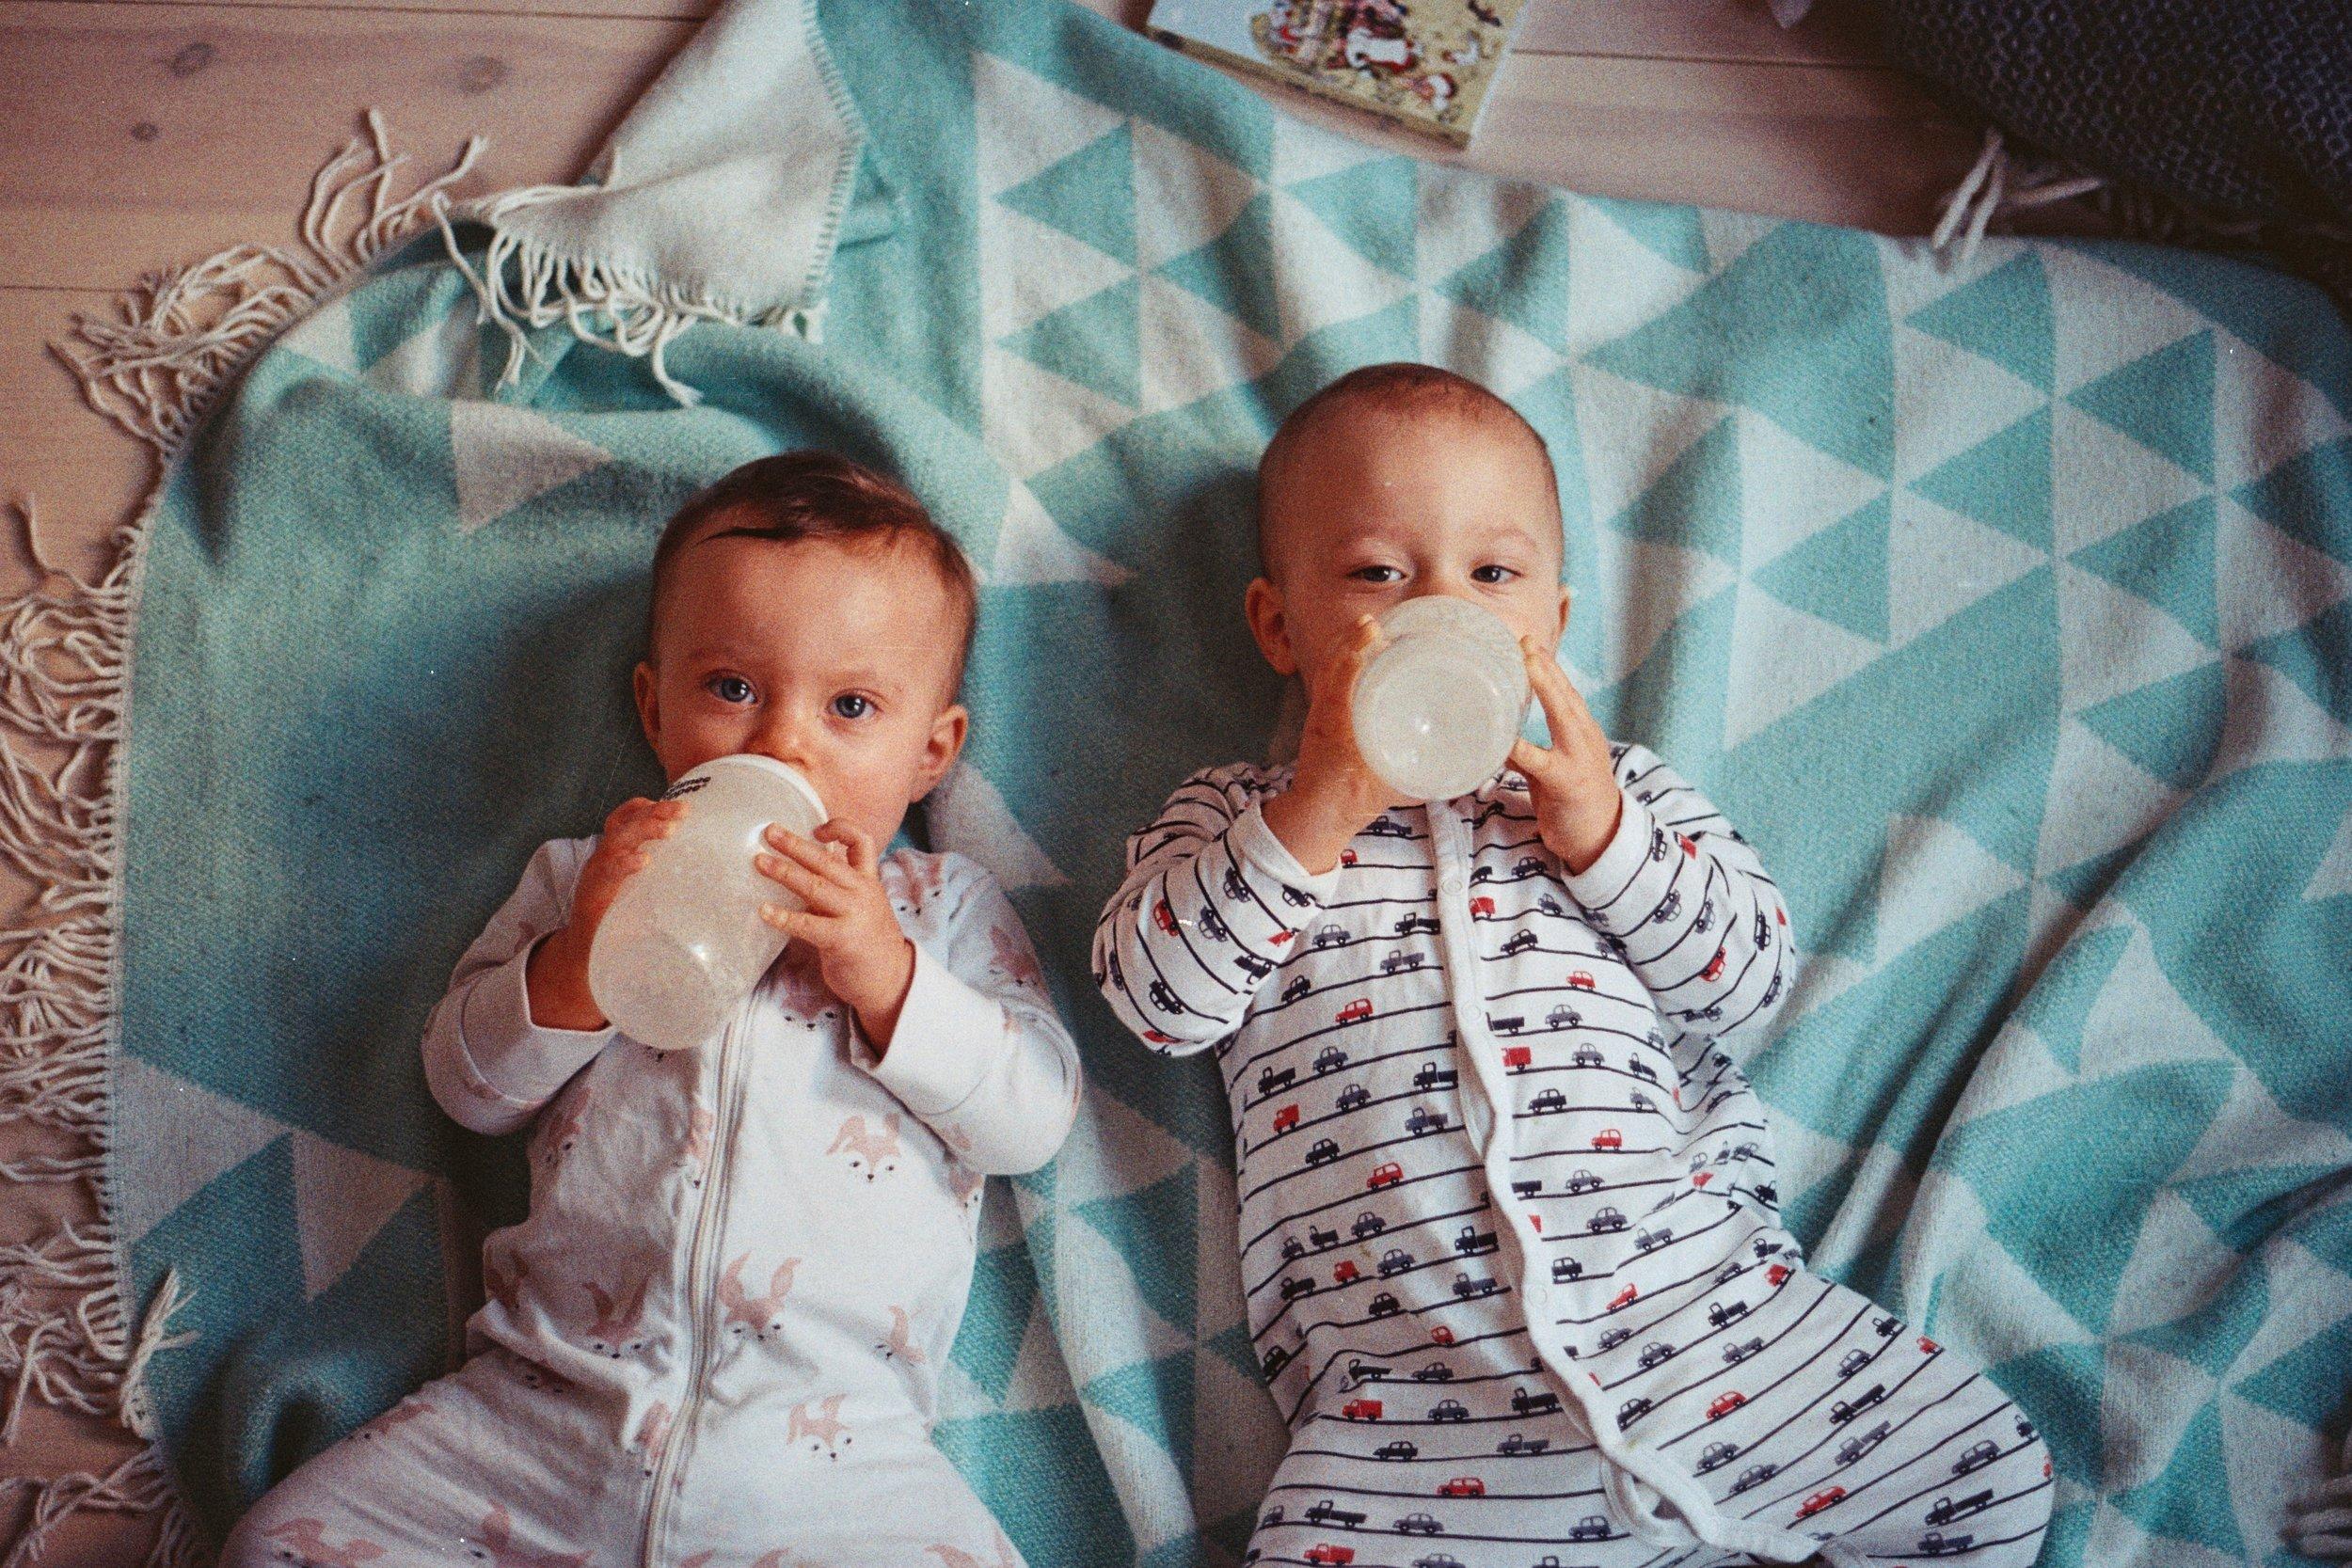 baby-bottle-asheville-doula.jpg